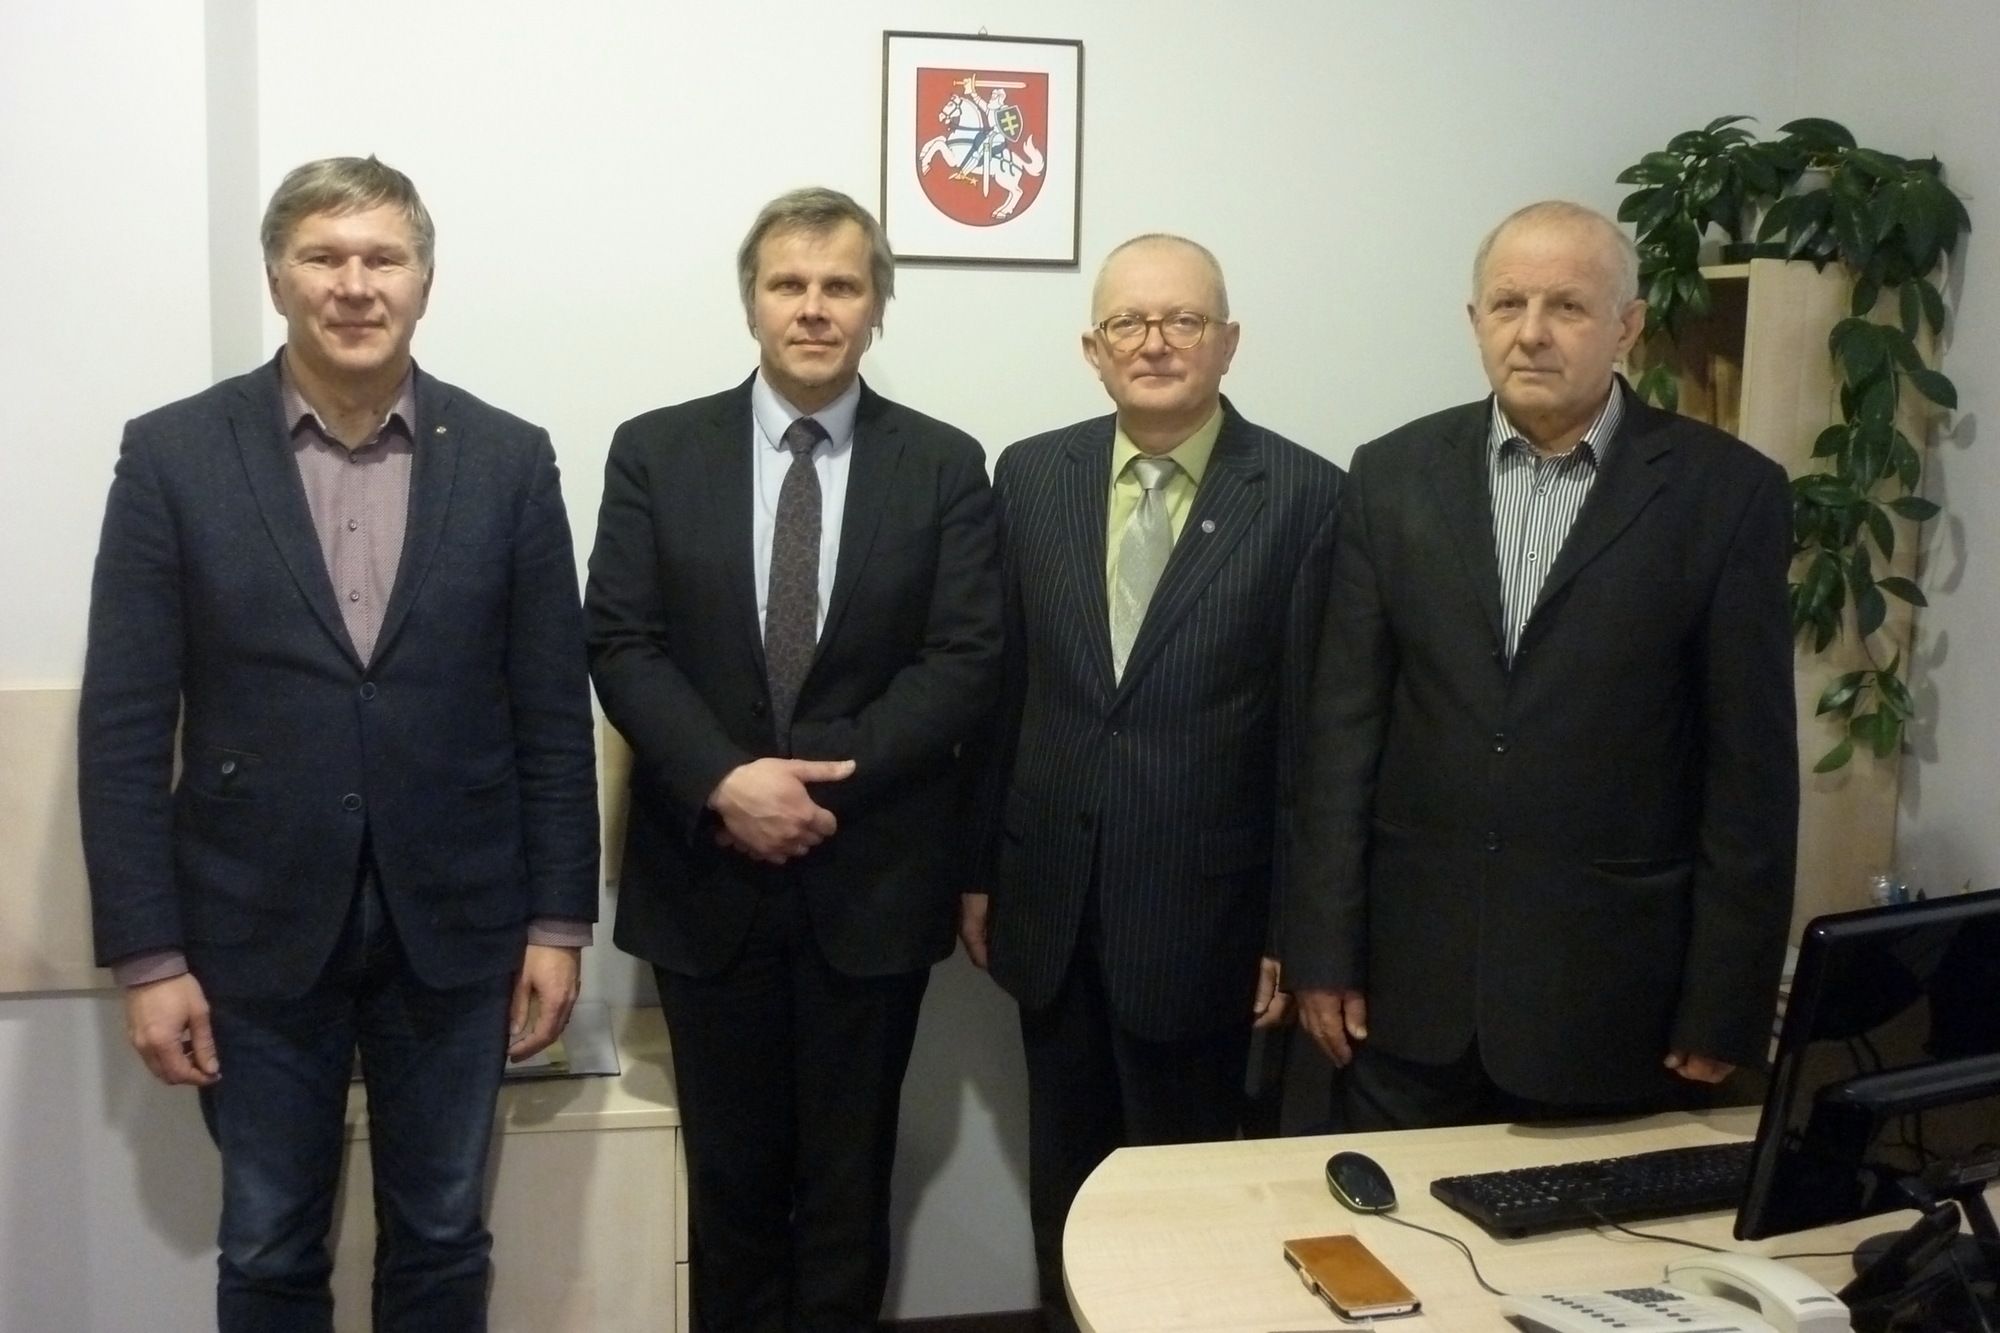 š kairės į dešinę: TALKOS tarybos pirmininko pavaduotojas Mindaugas Karalius, TALKOS tarybos pirmininkas Gintaras Karosas, VLKK pirmininkas Audrys Antanaitis, TALKOS tarybos narys dr. Kazimieras Garšva | Alkas.lt nuotr.